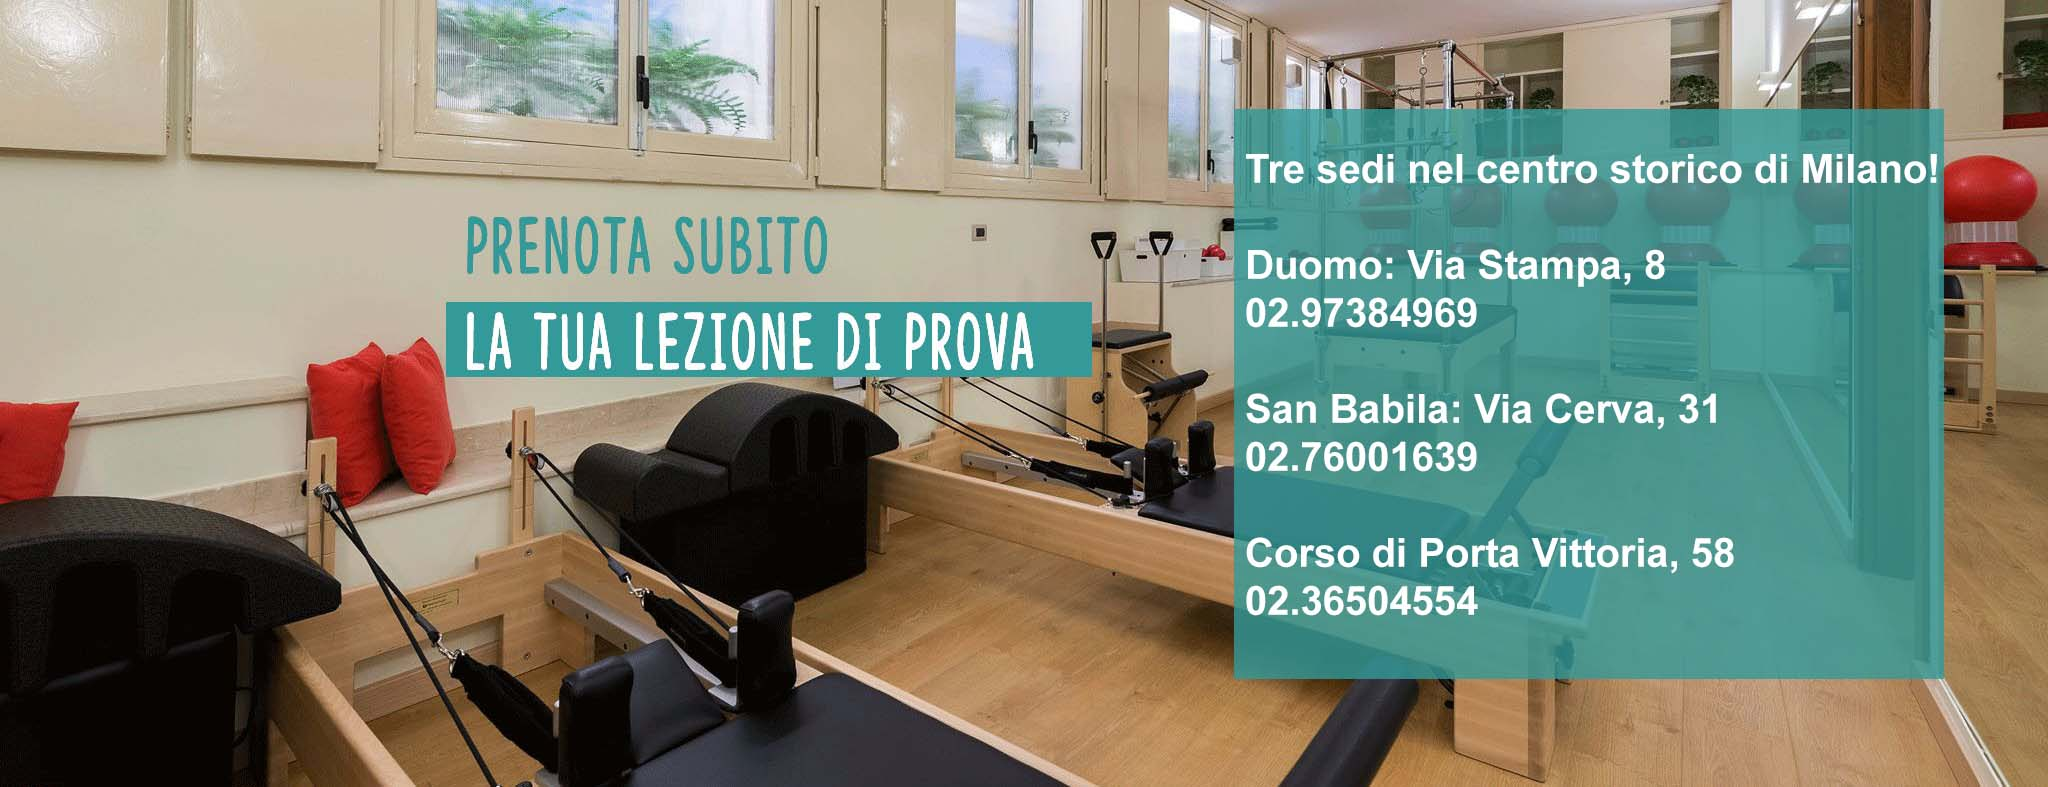 Pilates Anziani Stazione Garibaldi Milano - Prenota subito la tua lezione di prova